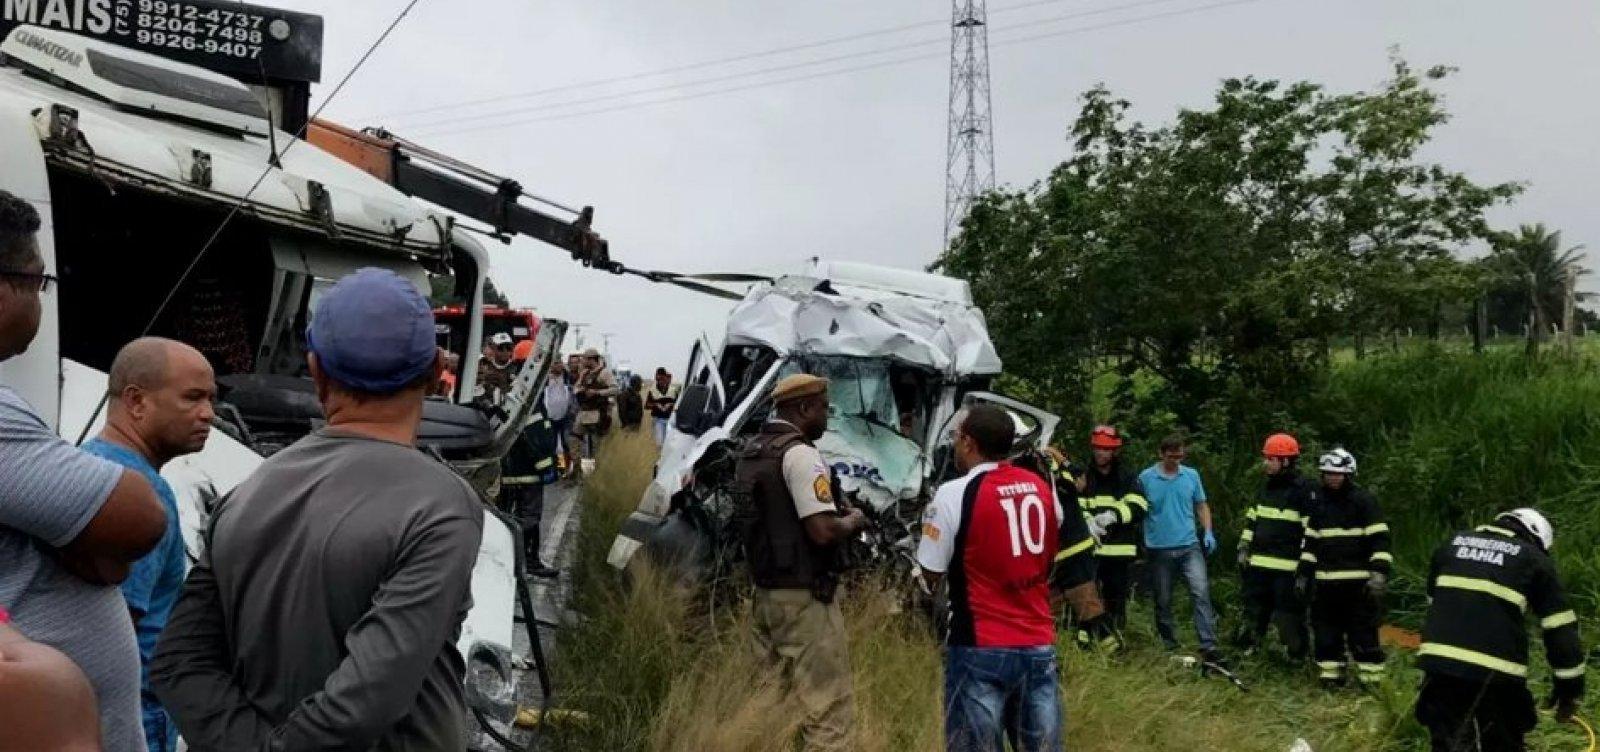 [Rodovias estaduais da Bahia registram 16 mortes no feriadão, aponta PRE]